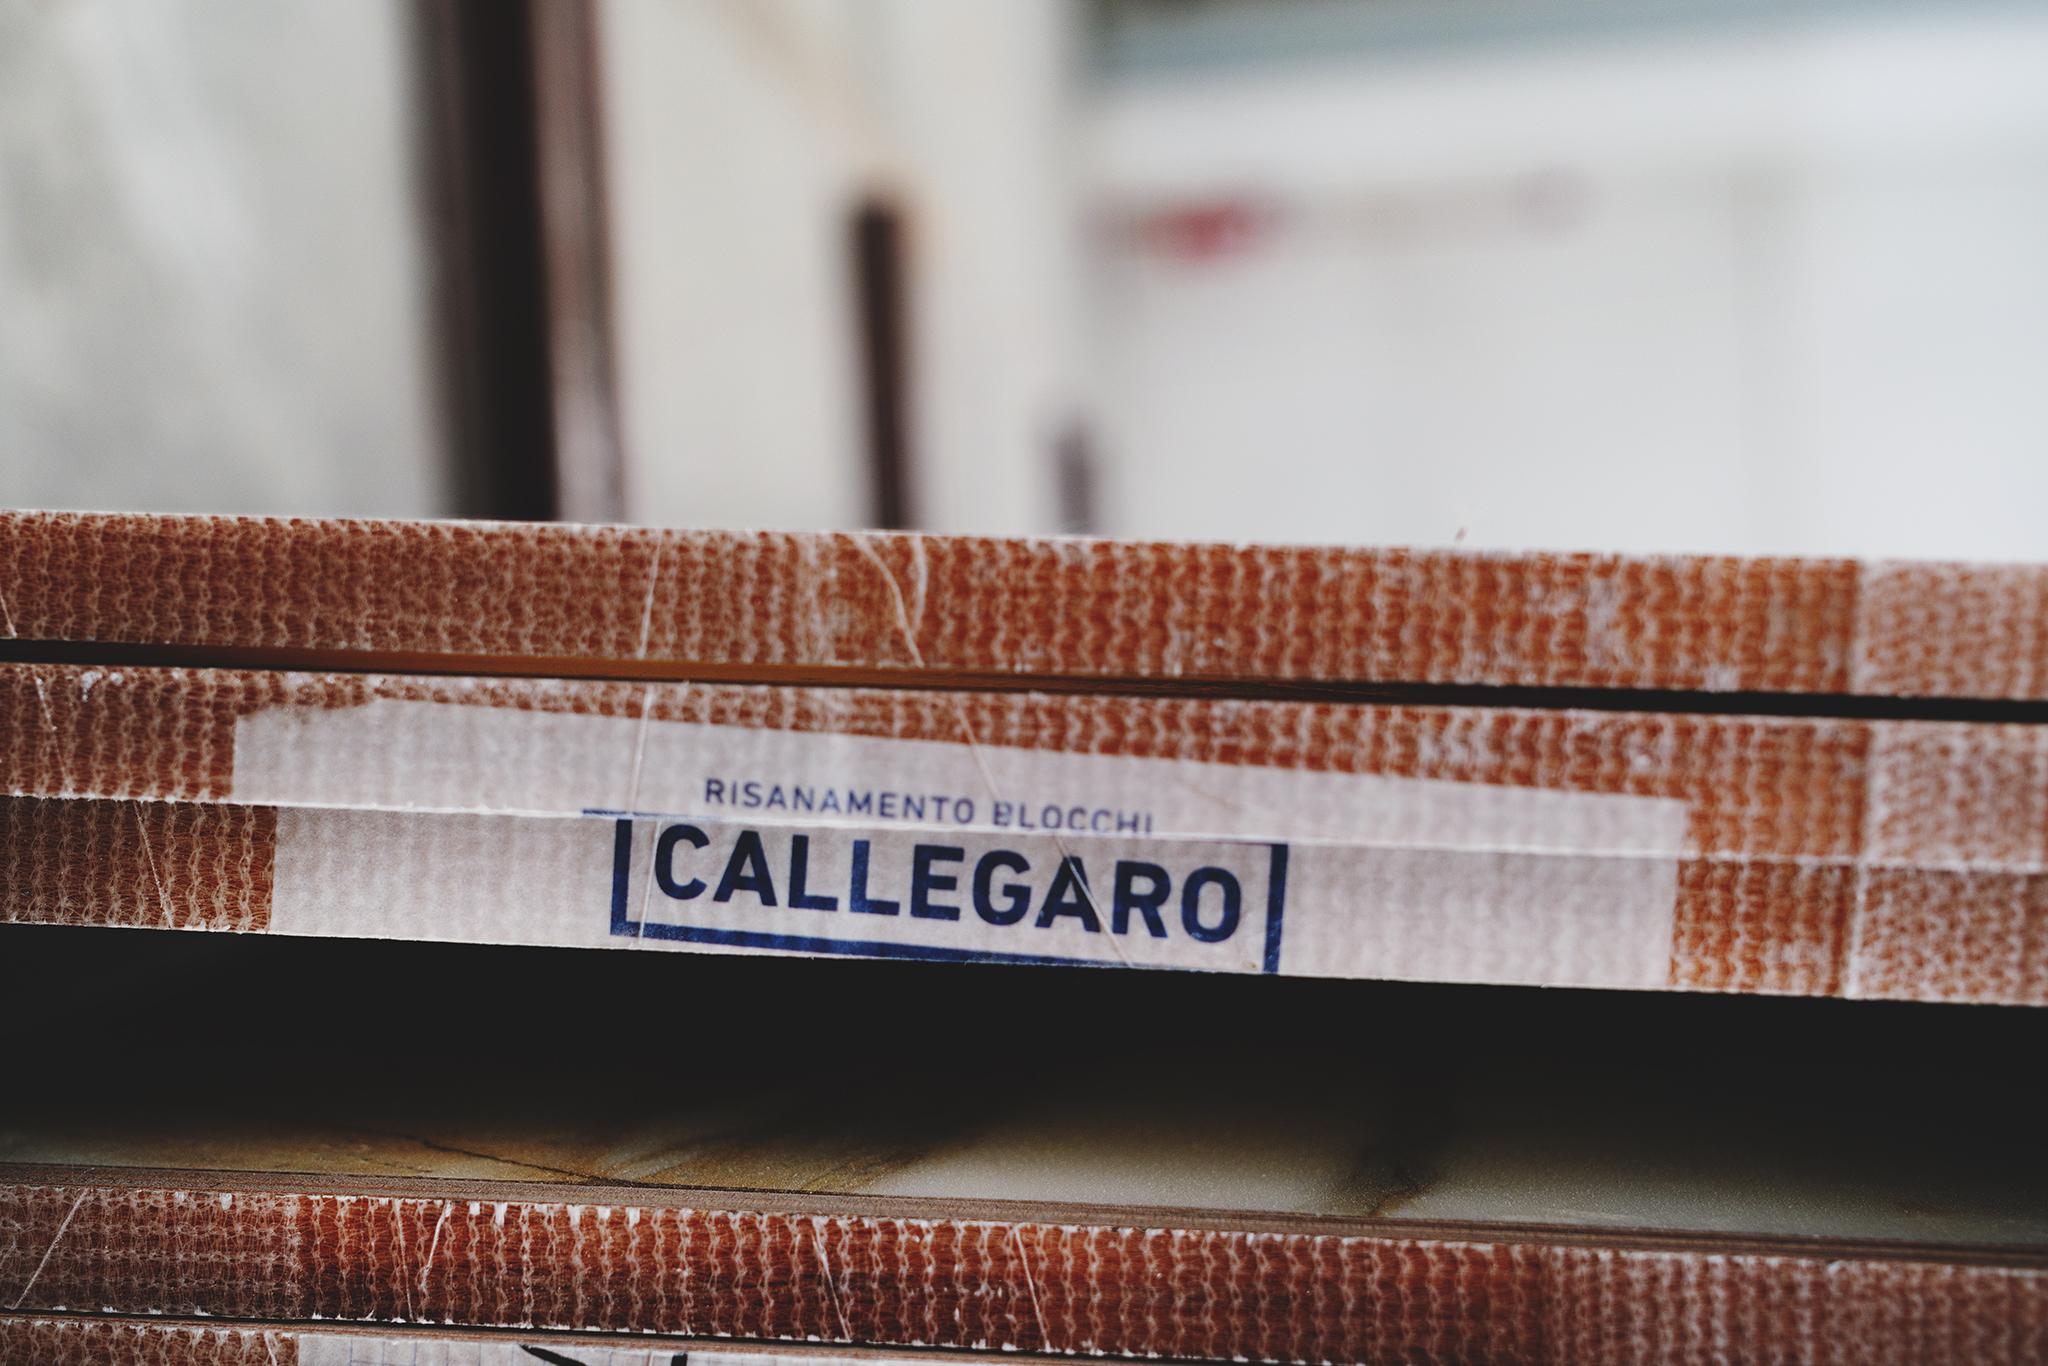 callegaro1997-video-aziendale-servizi-studiob19